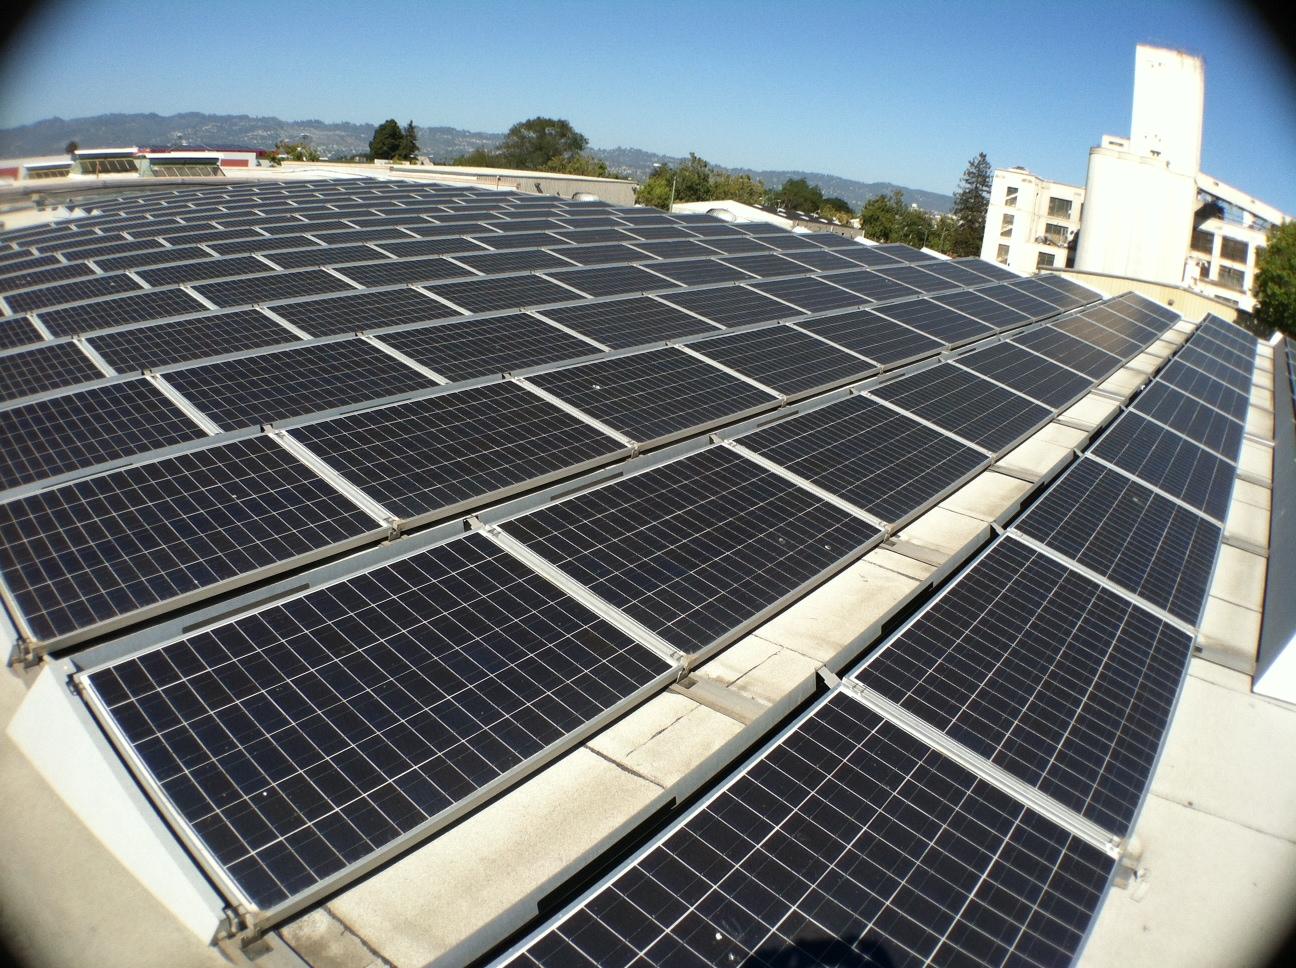 Mayway Oakland solar panels